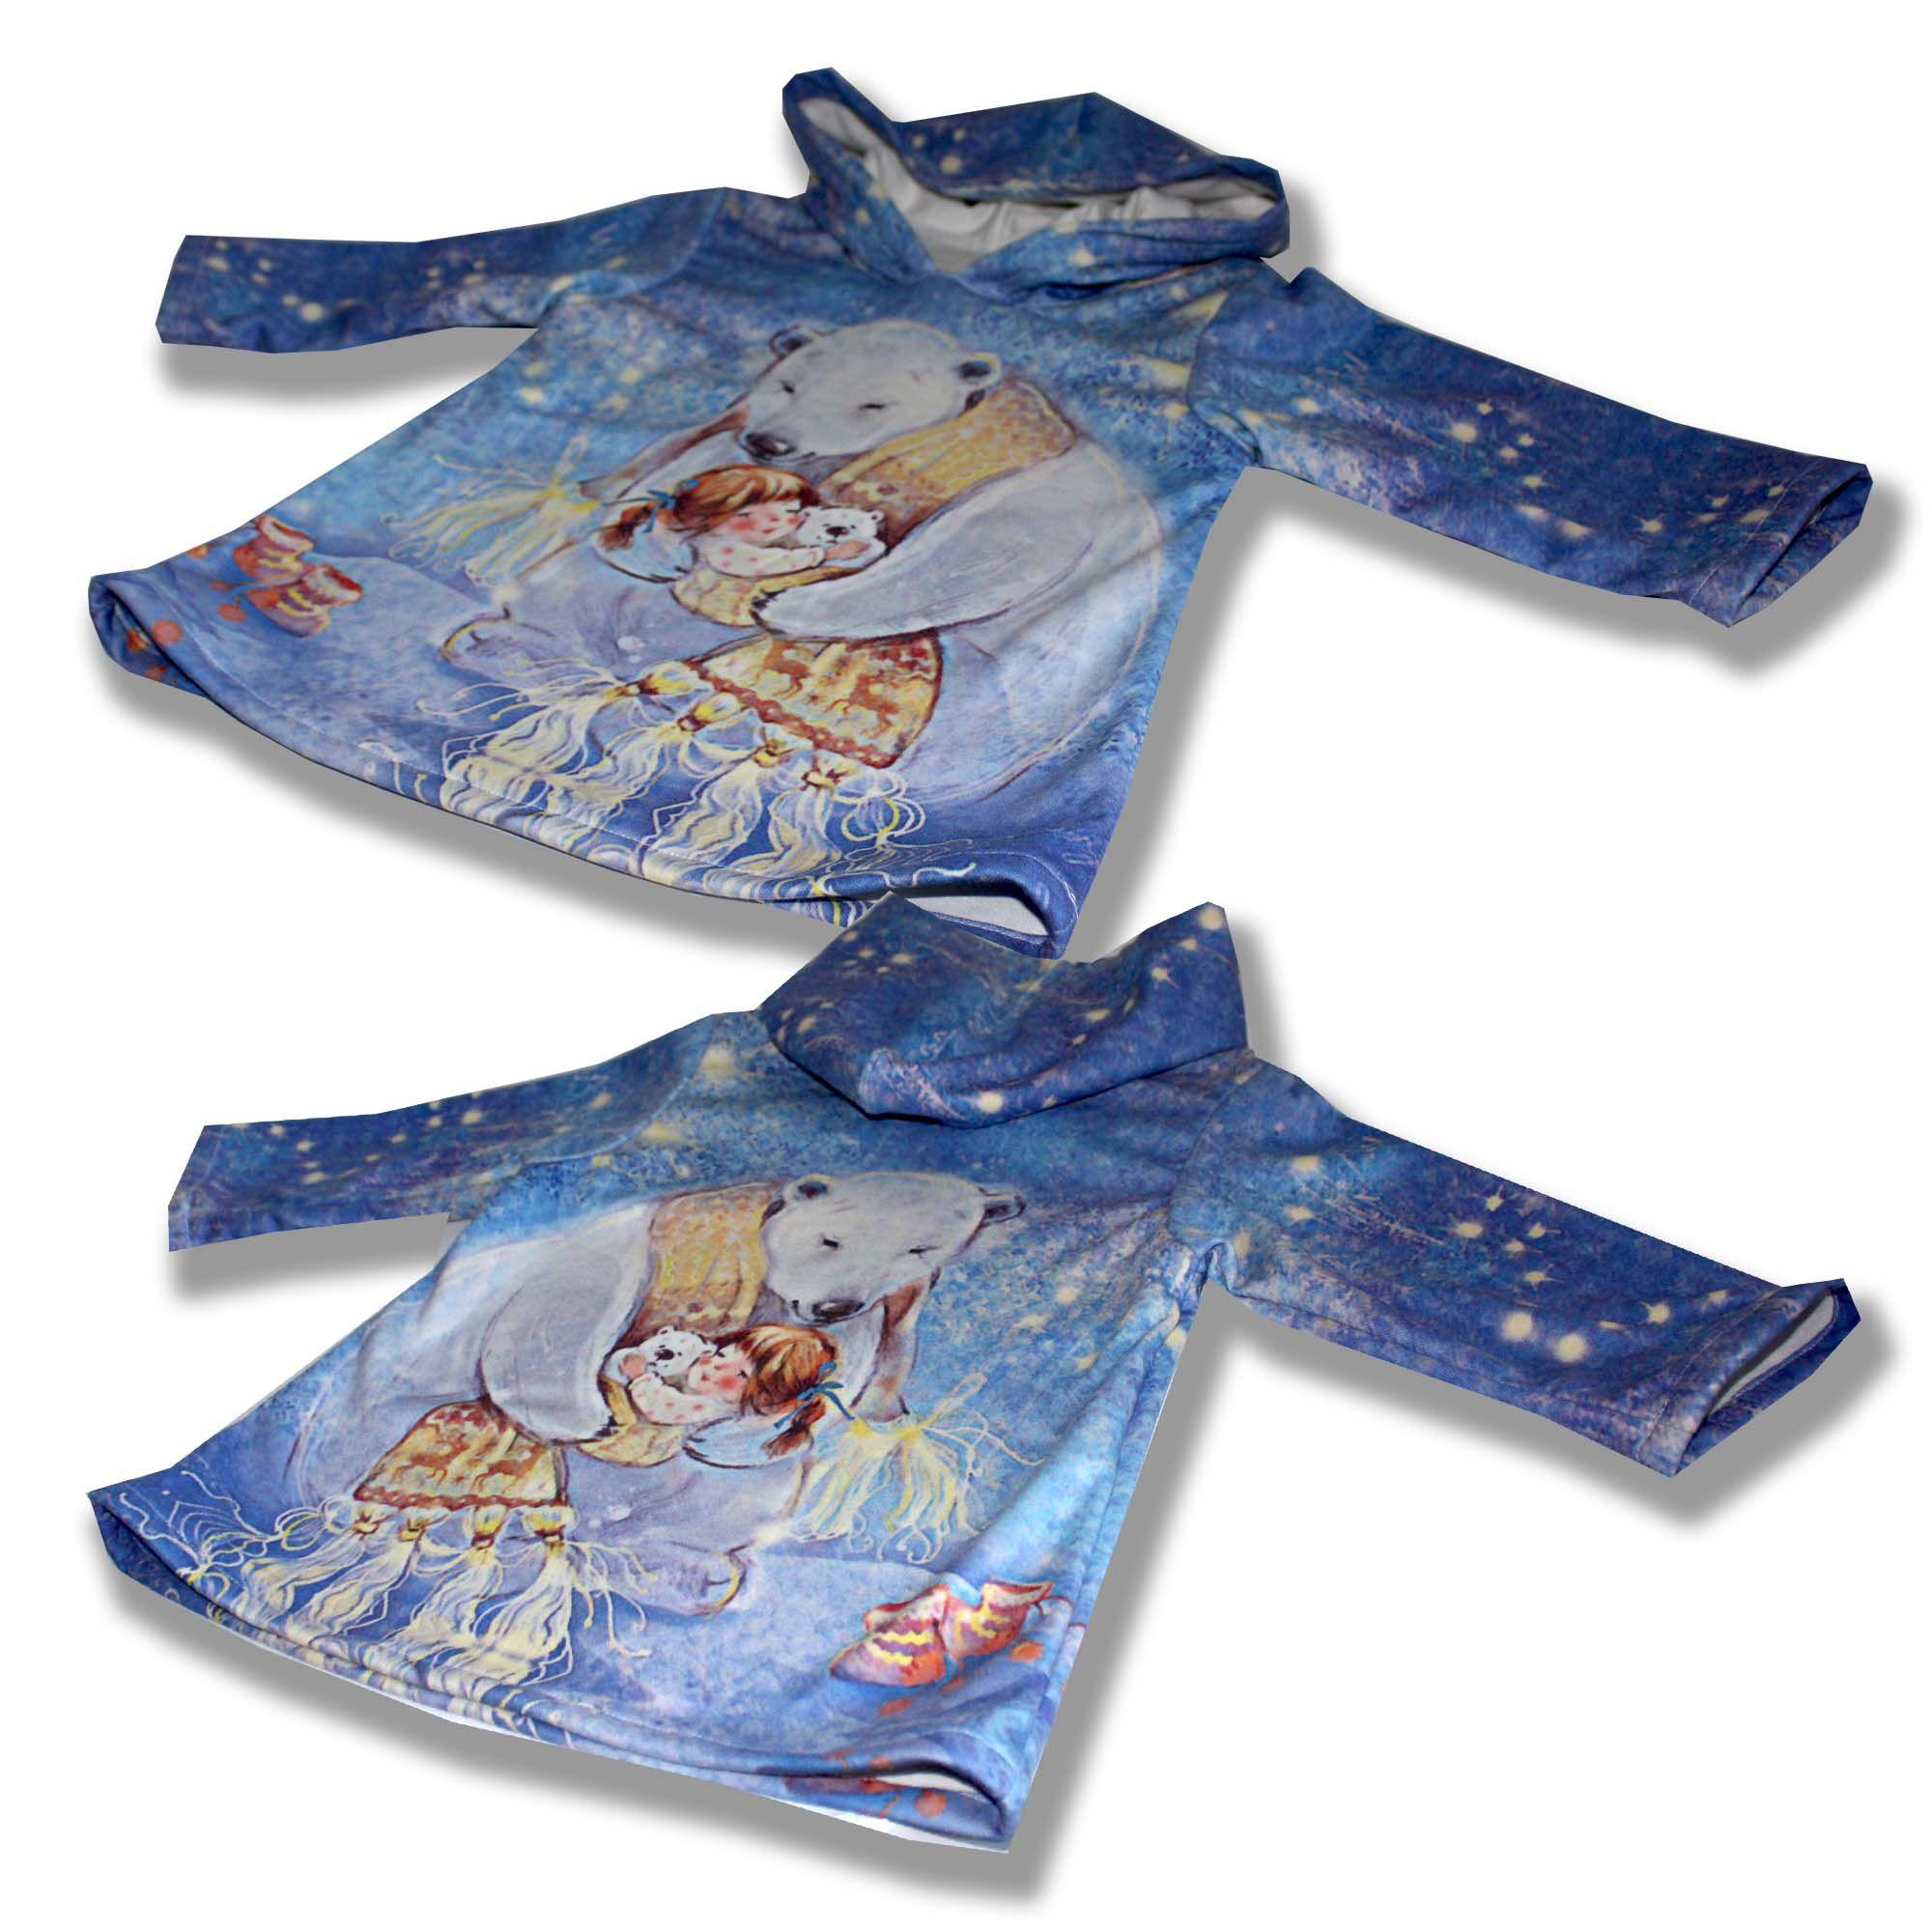 сублимация печать синее принт шарф белый капюшон платье оригинальное удобное звезды девочка медведь голубое